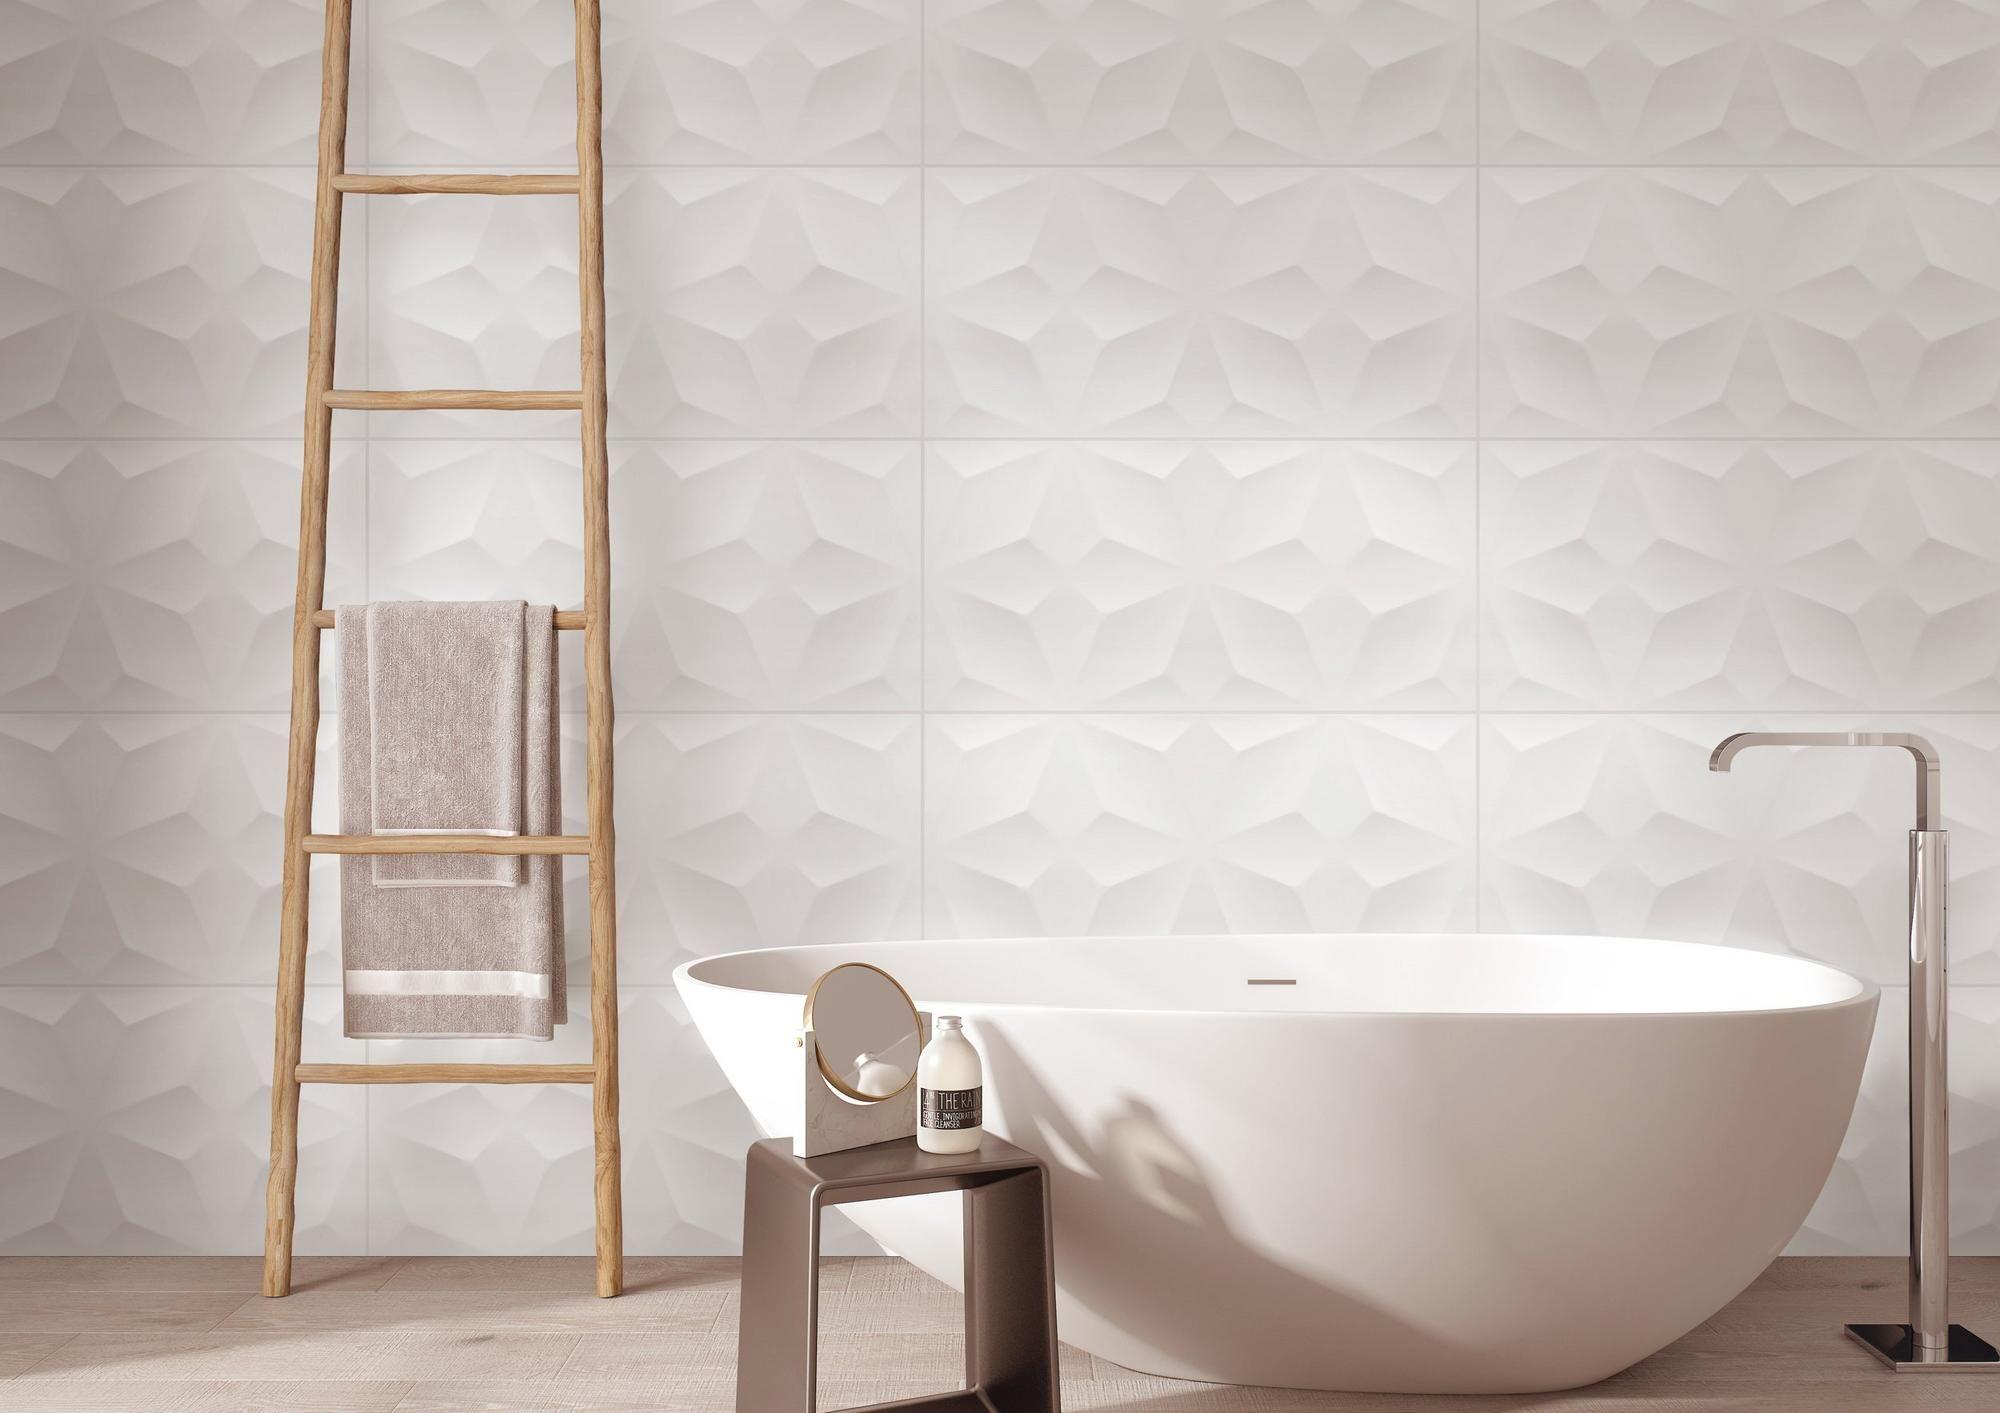 Artifice White Matte Ceramic Tile In 2020 White Polished Porcelain Tiles Ceramic Tiles Grey Polished Porcelain Tiles